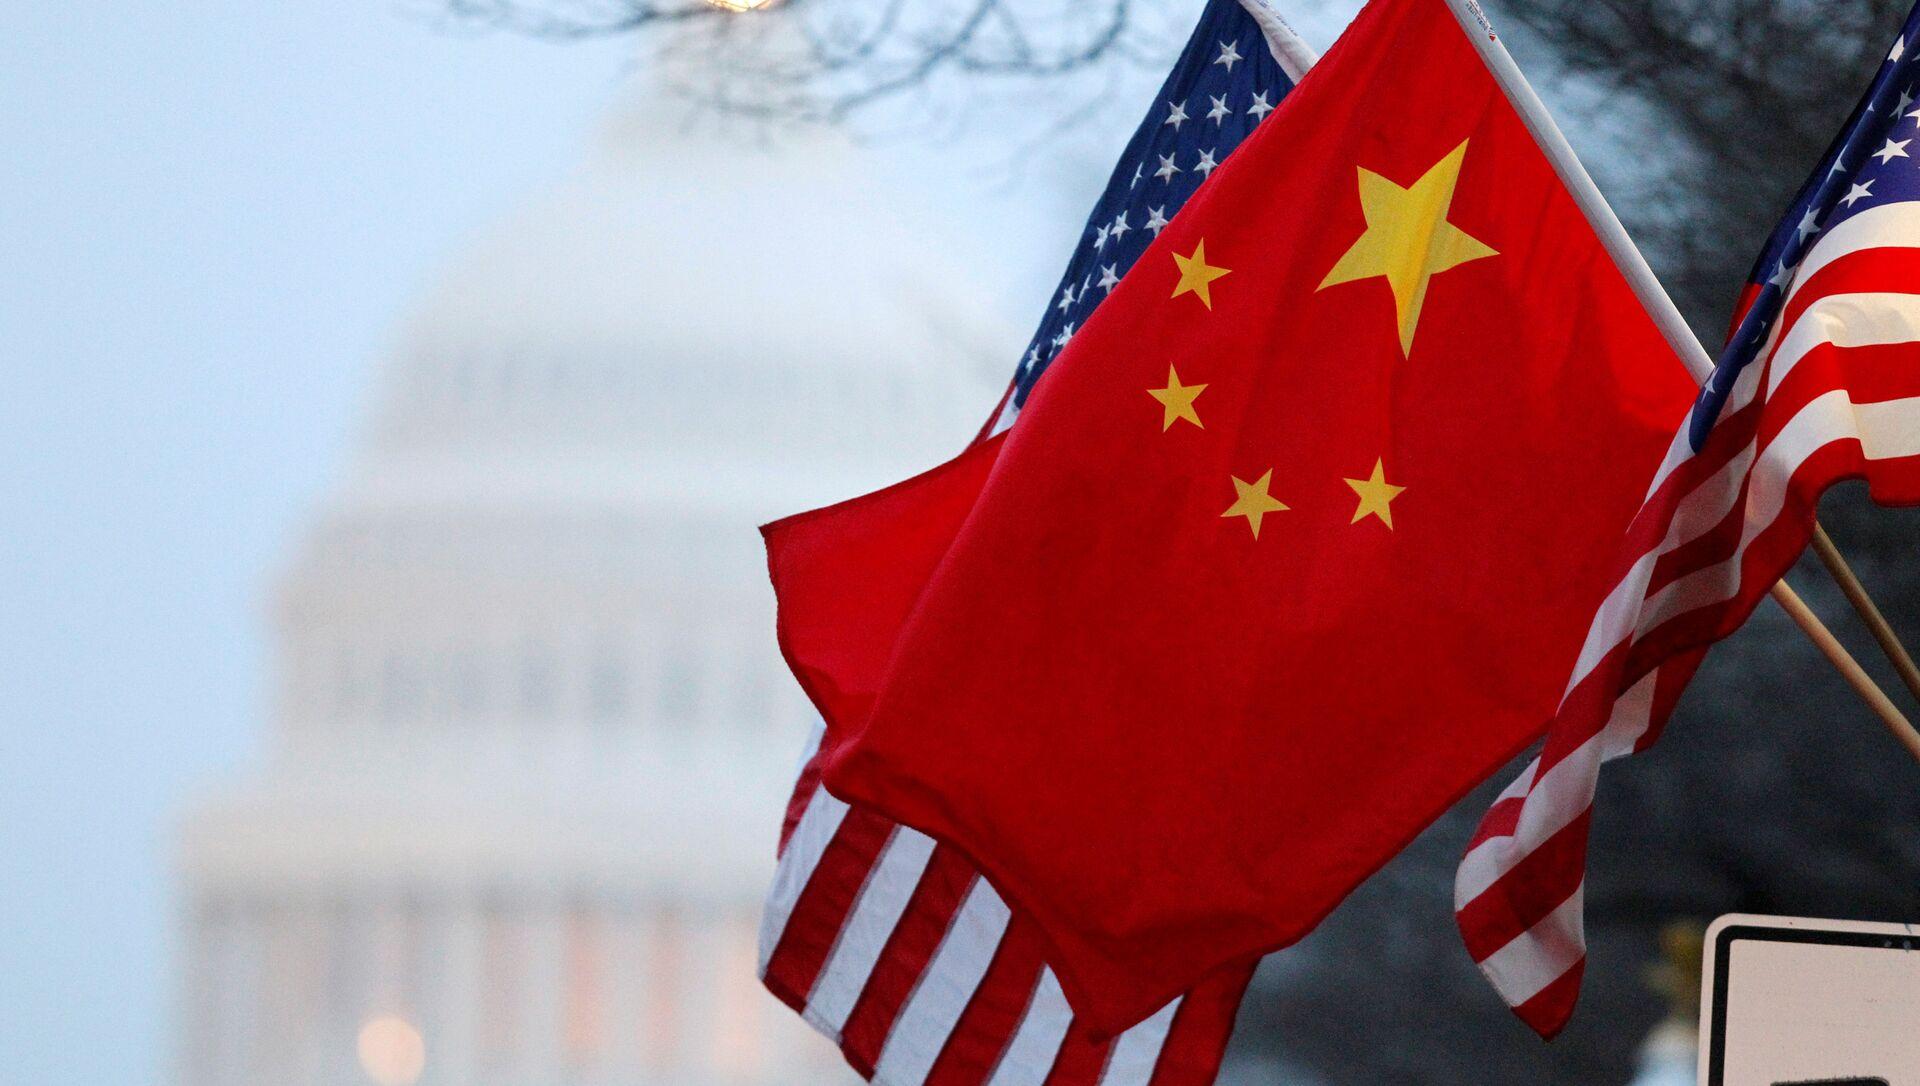 Bandiere di Cina e Stati Uniti - Sputnik Italia, 1920, 19.03.2021